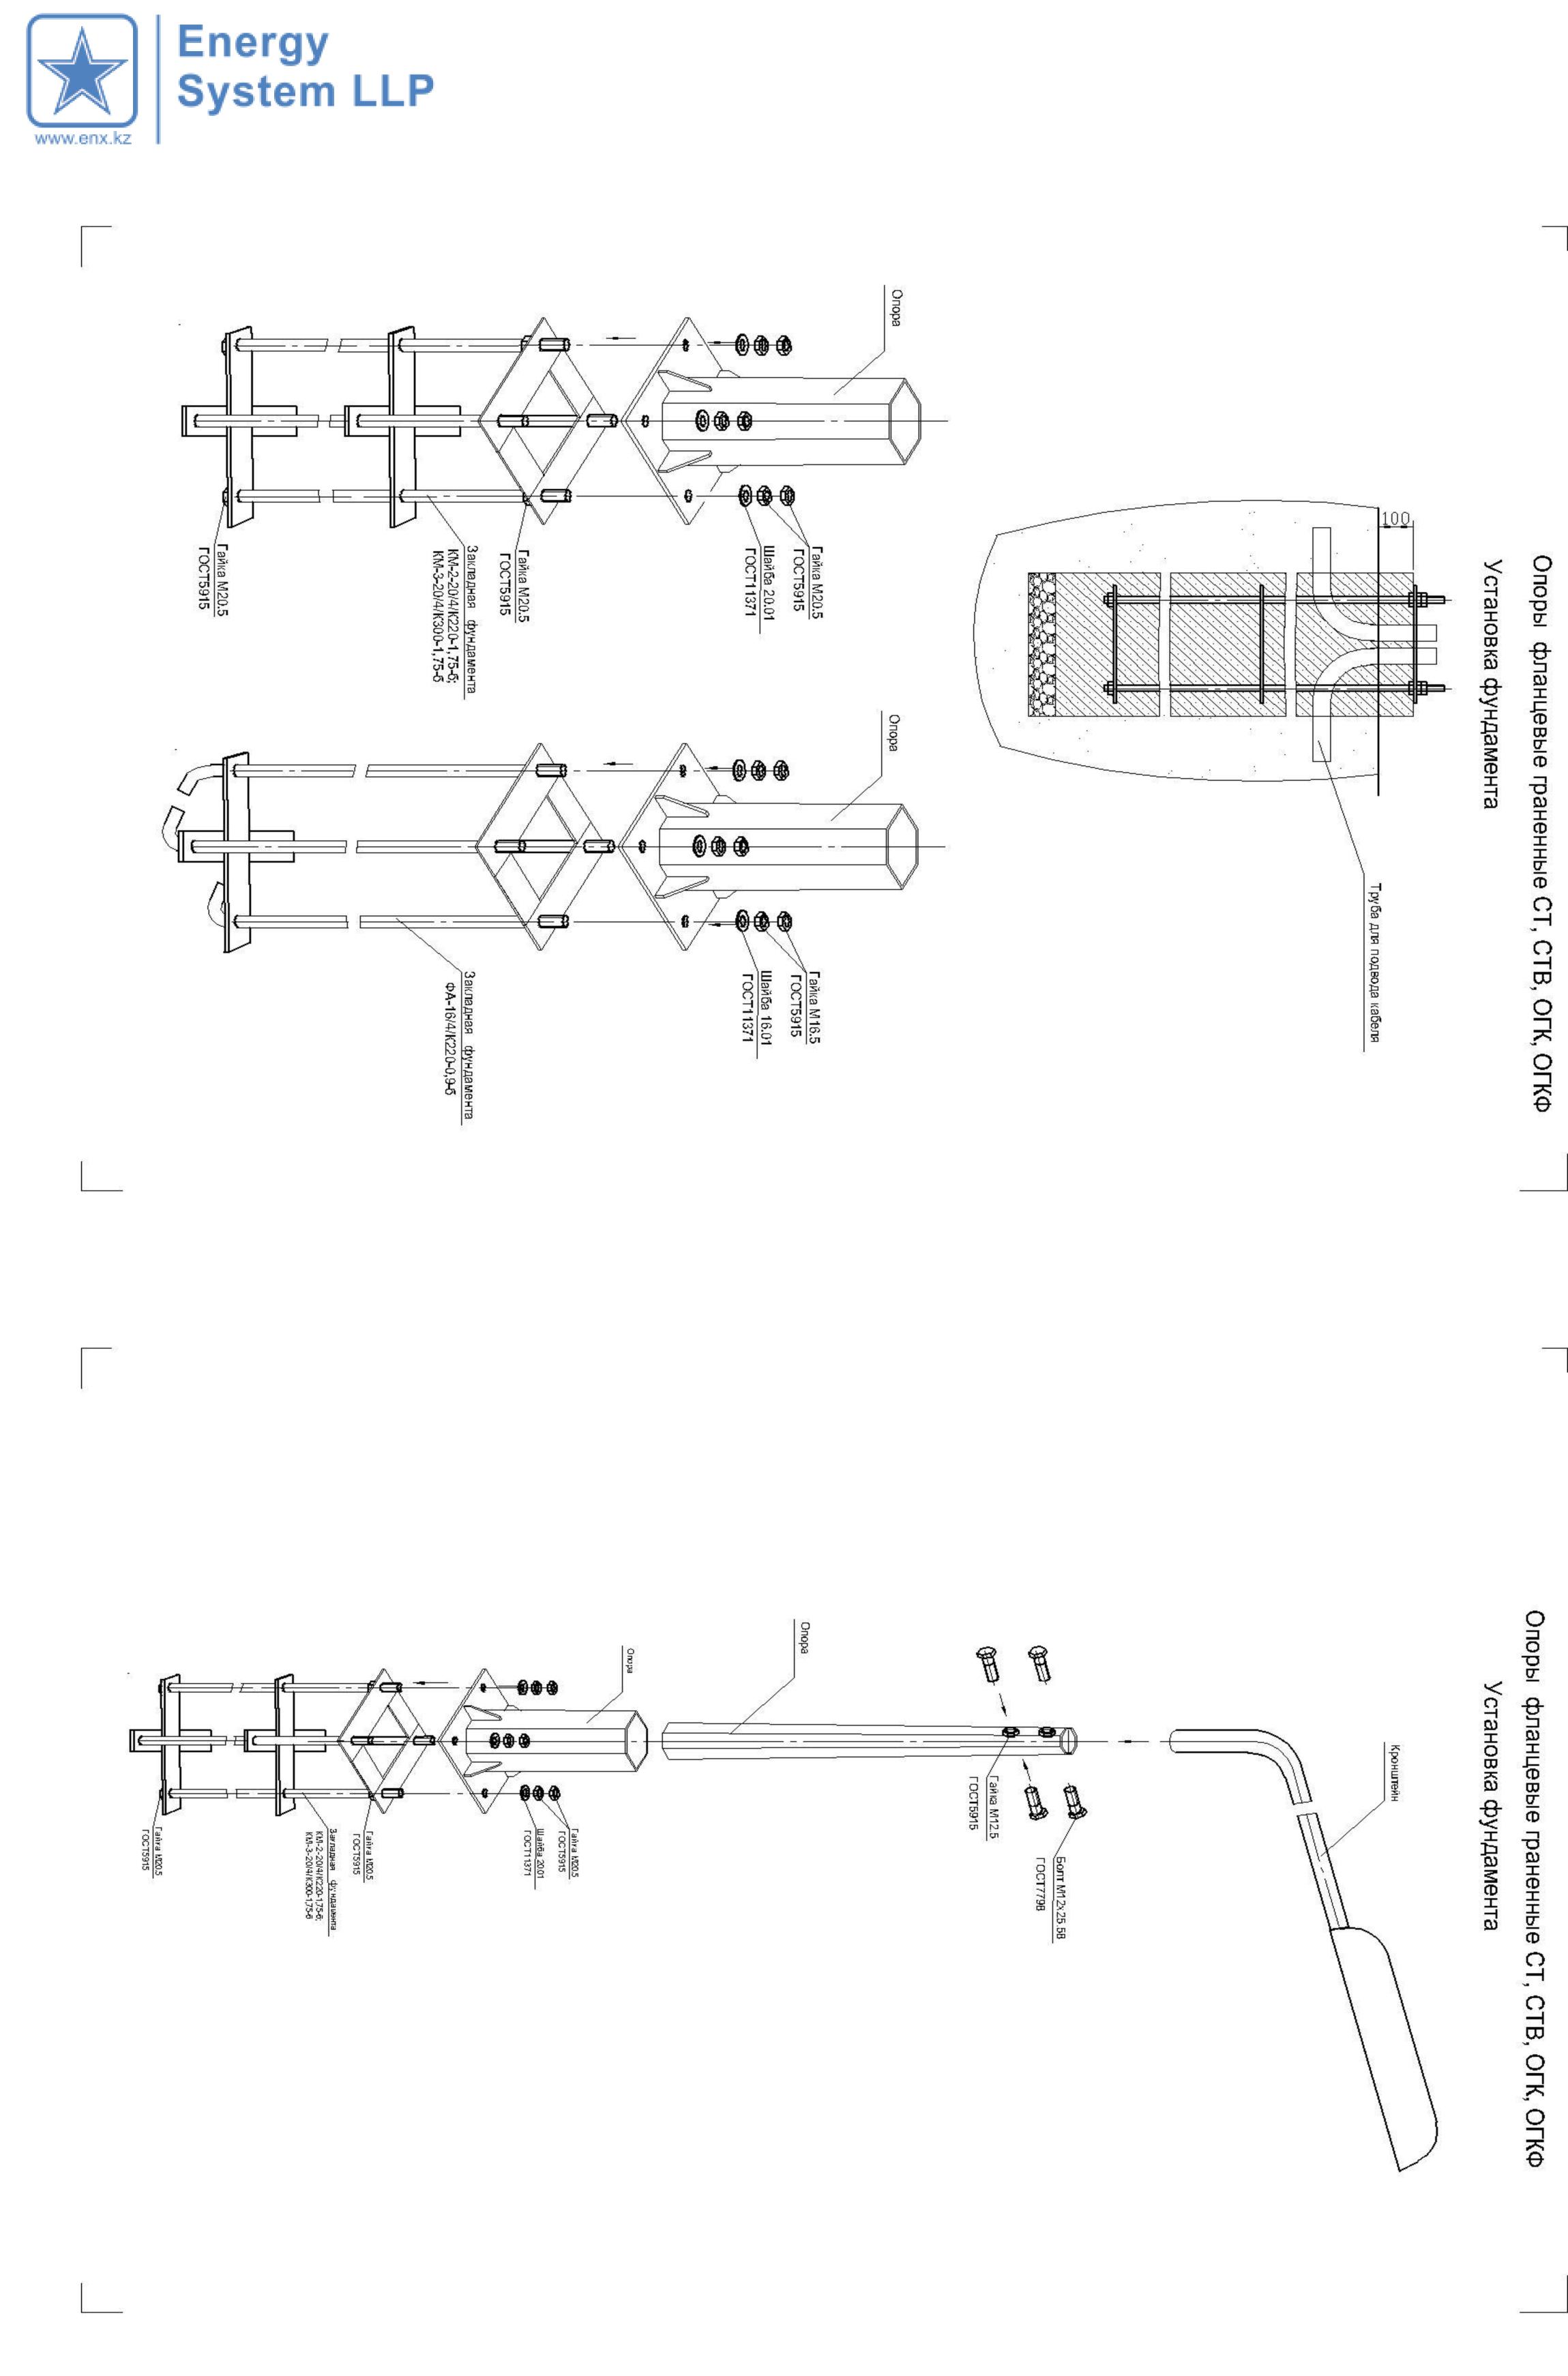 Обзорный каталог System LLP-16.jpg